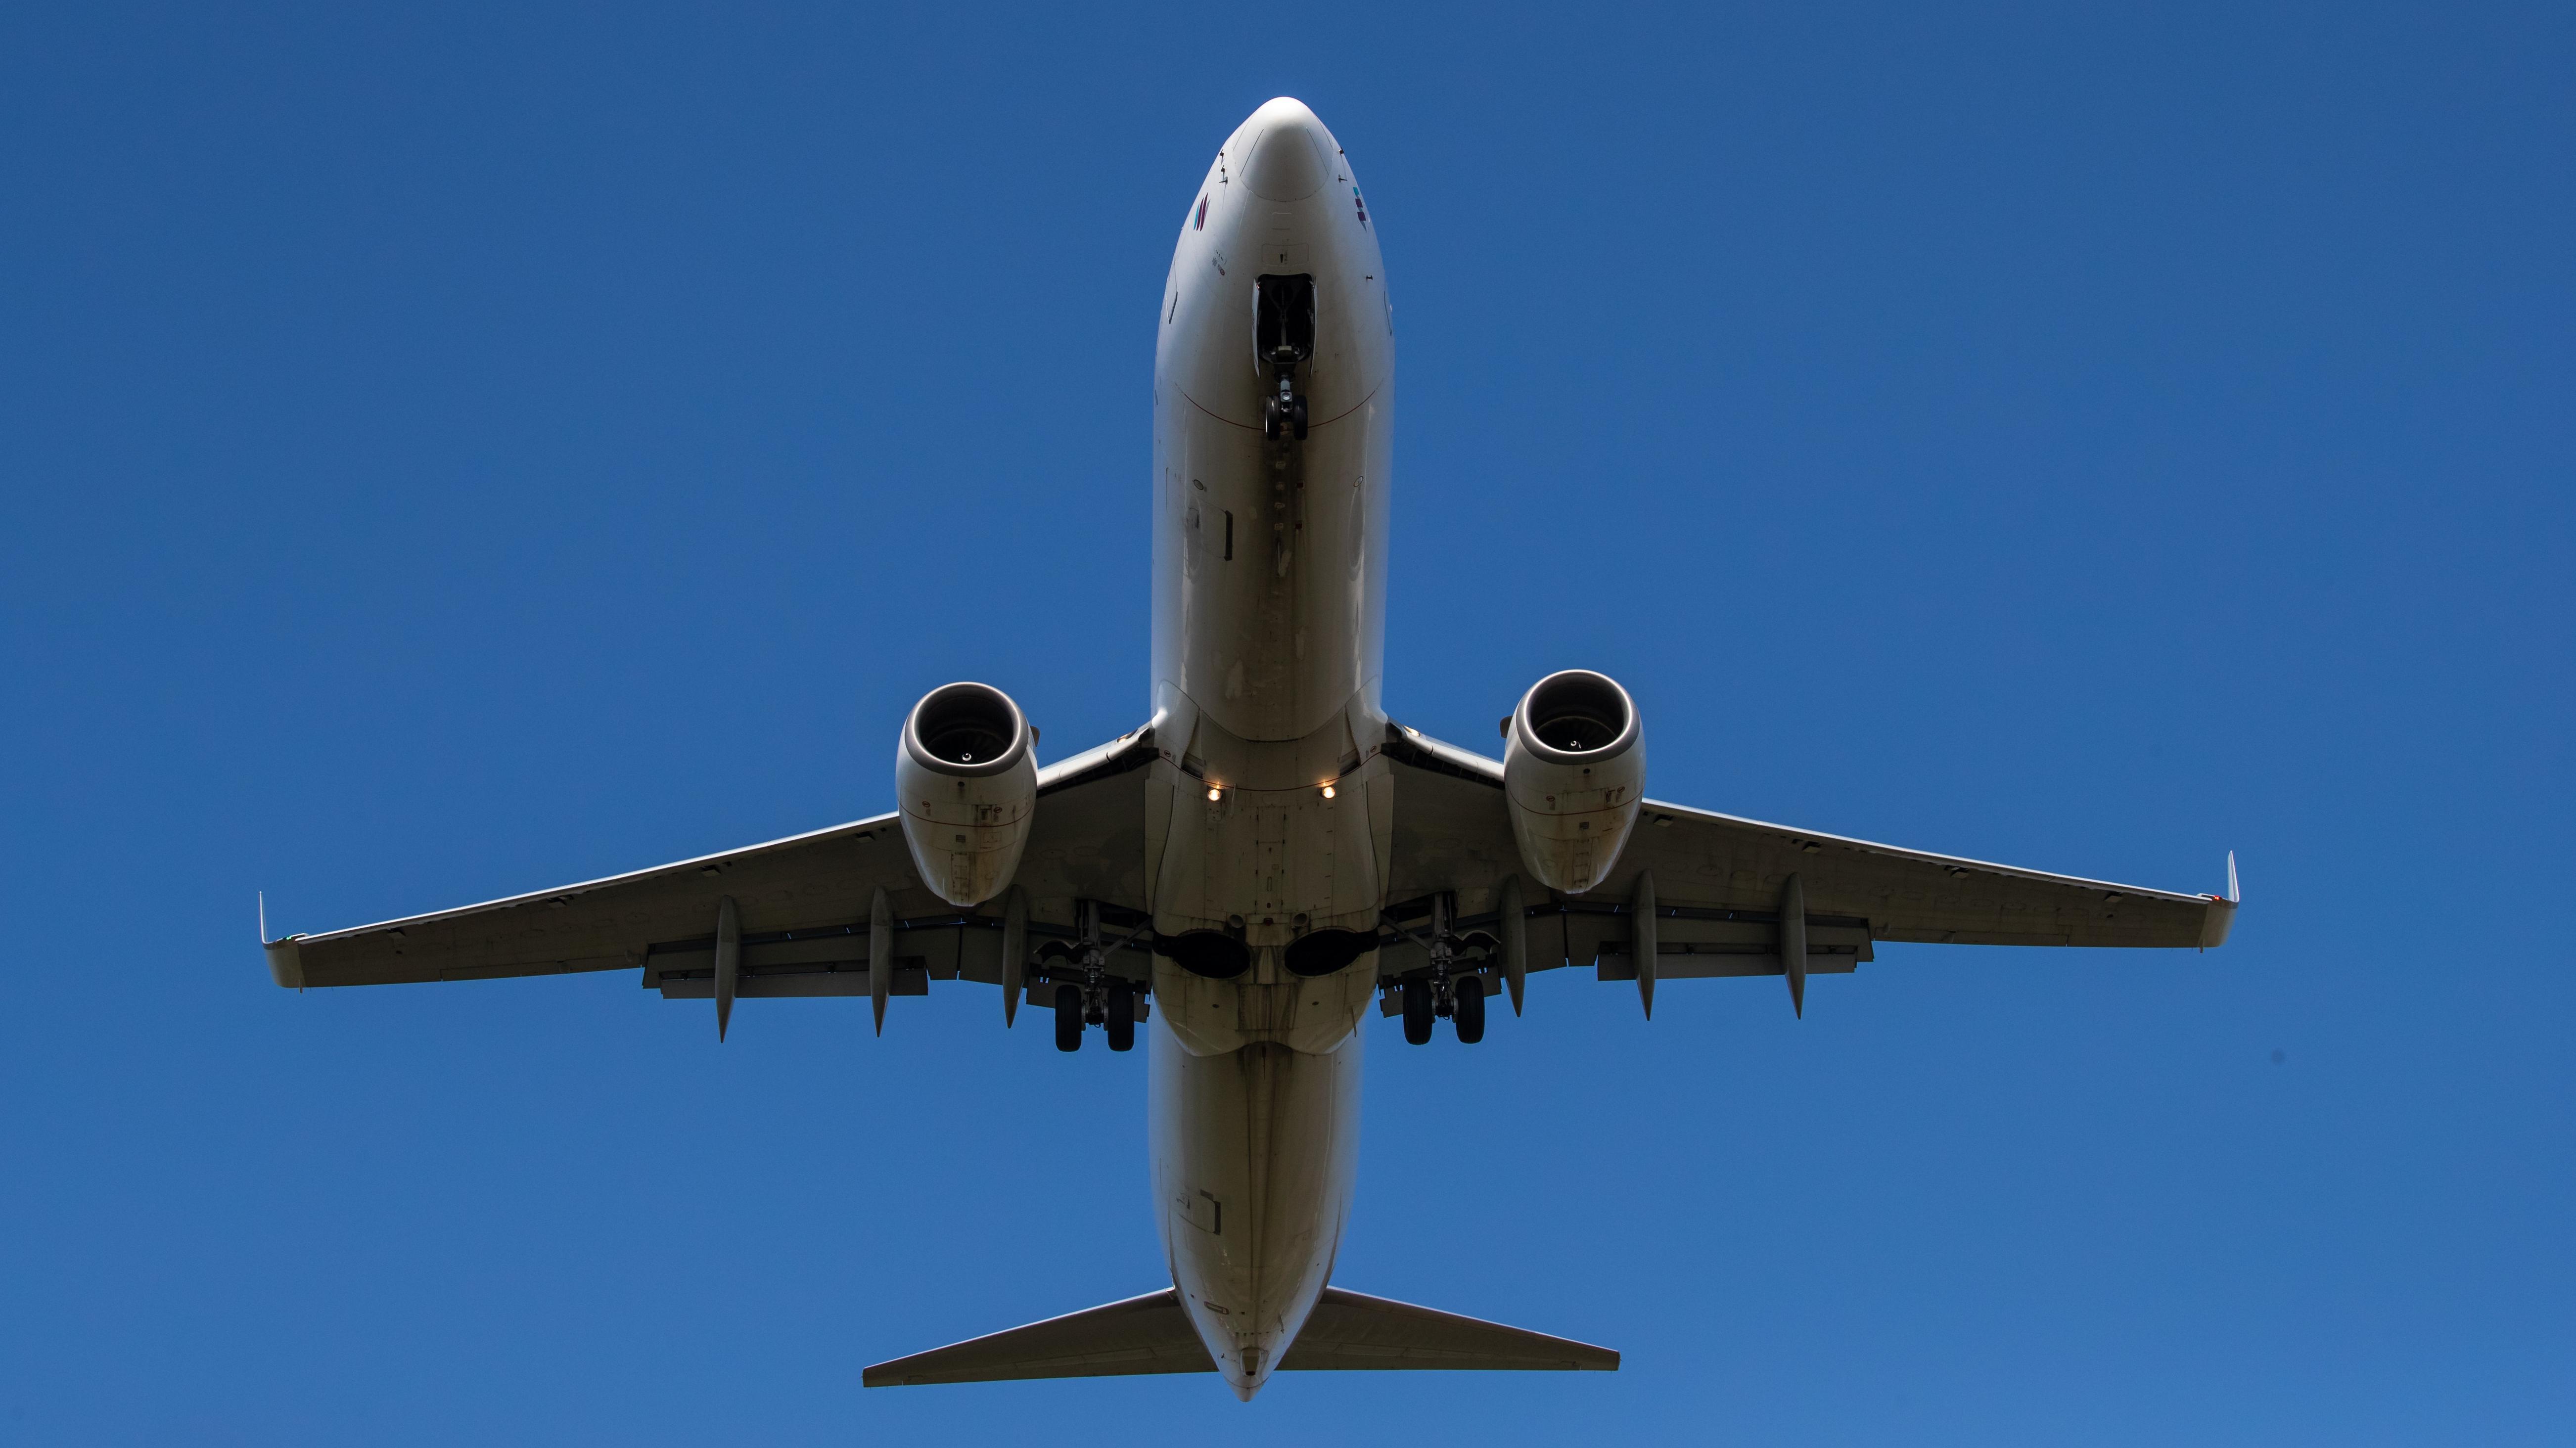 Ein Passagier-Flugzeug befindet sich im Landeanflug auf den Albrecht Dürer Flughafen